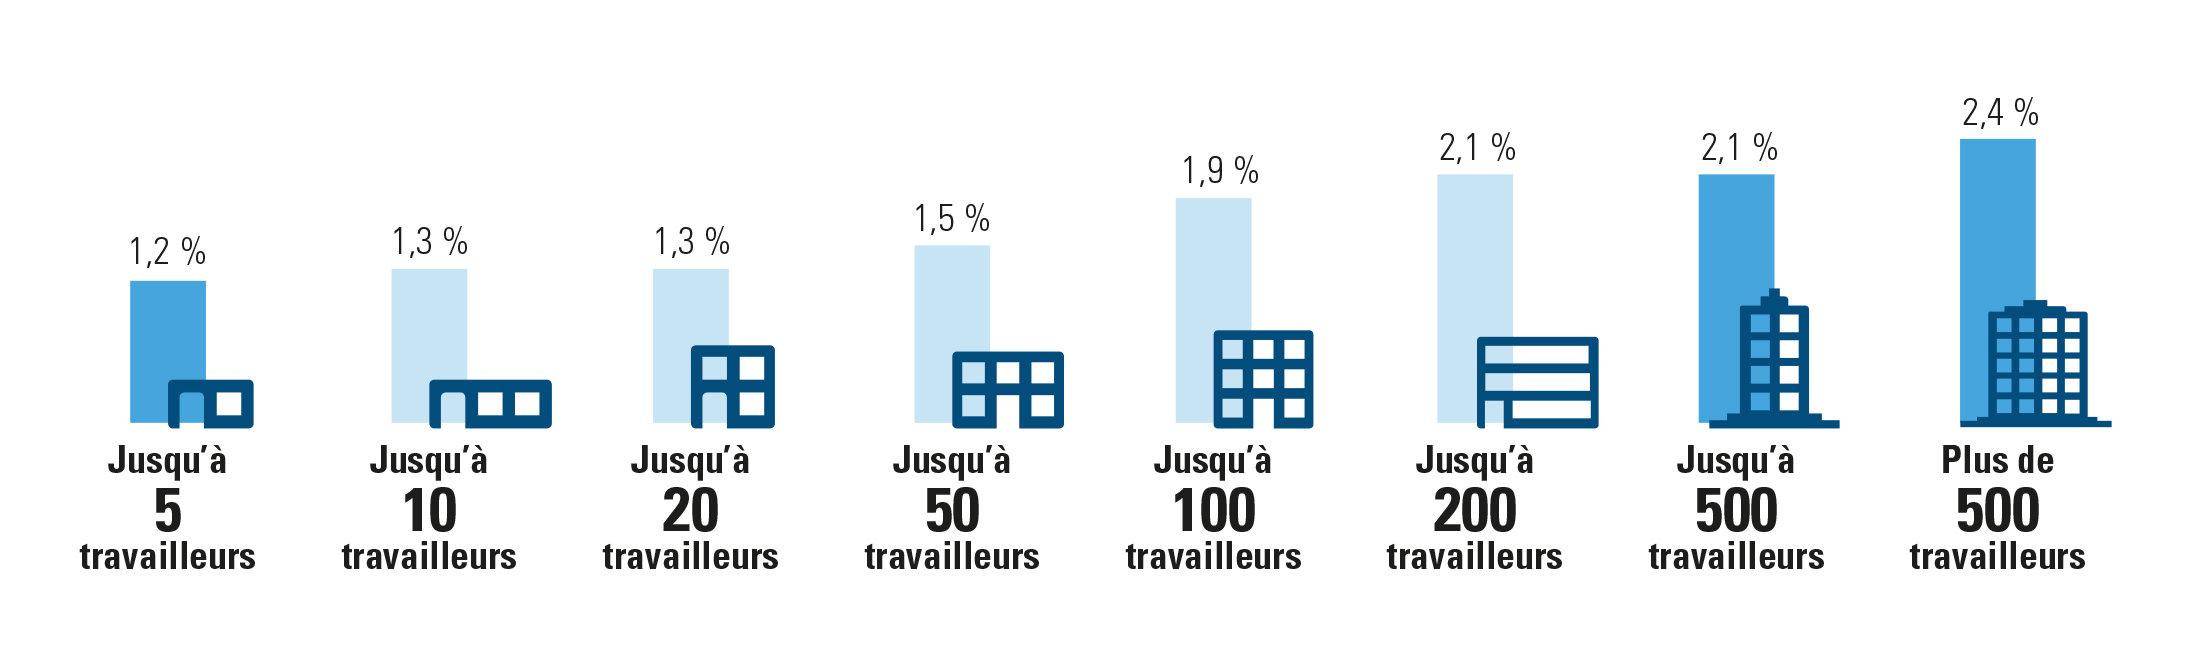 Pourcentage de malades ayant repris progressivement le travail selon la taille de l'entreprise